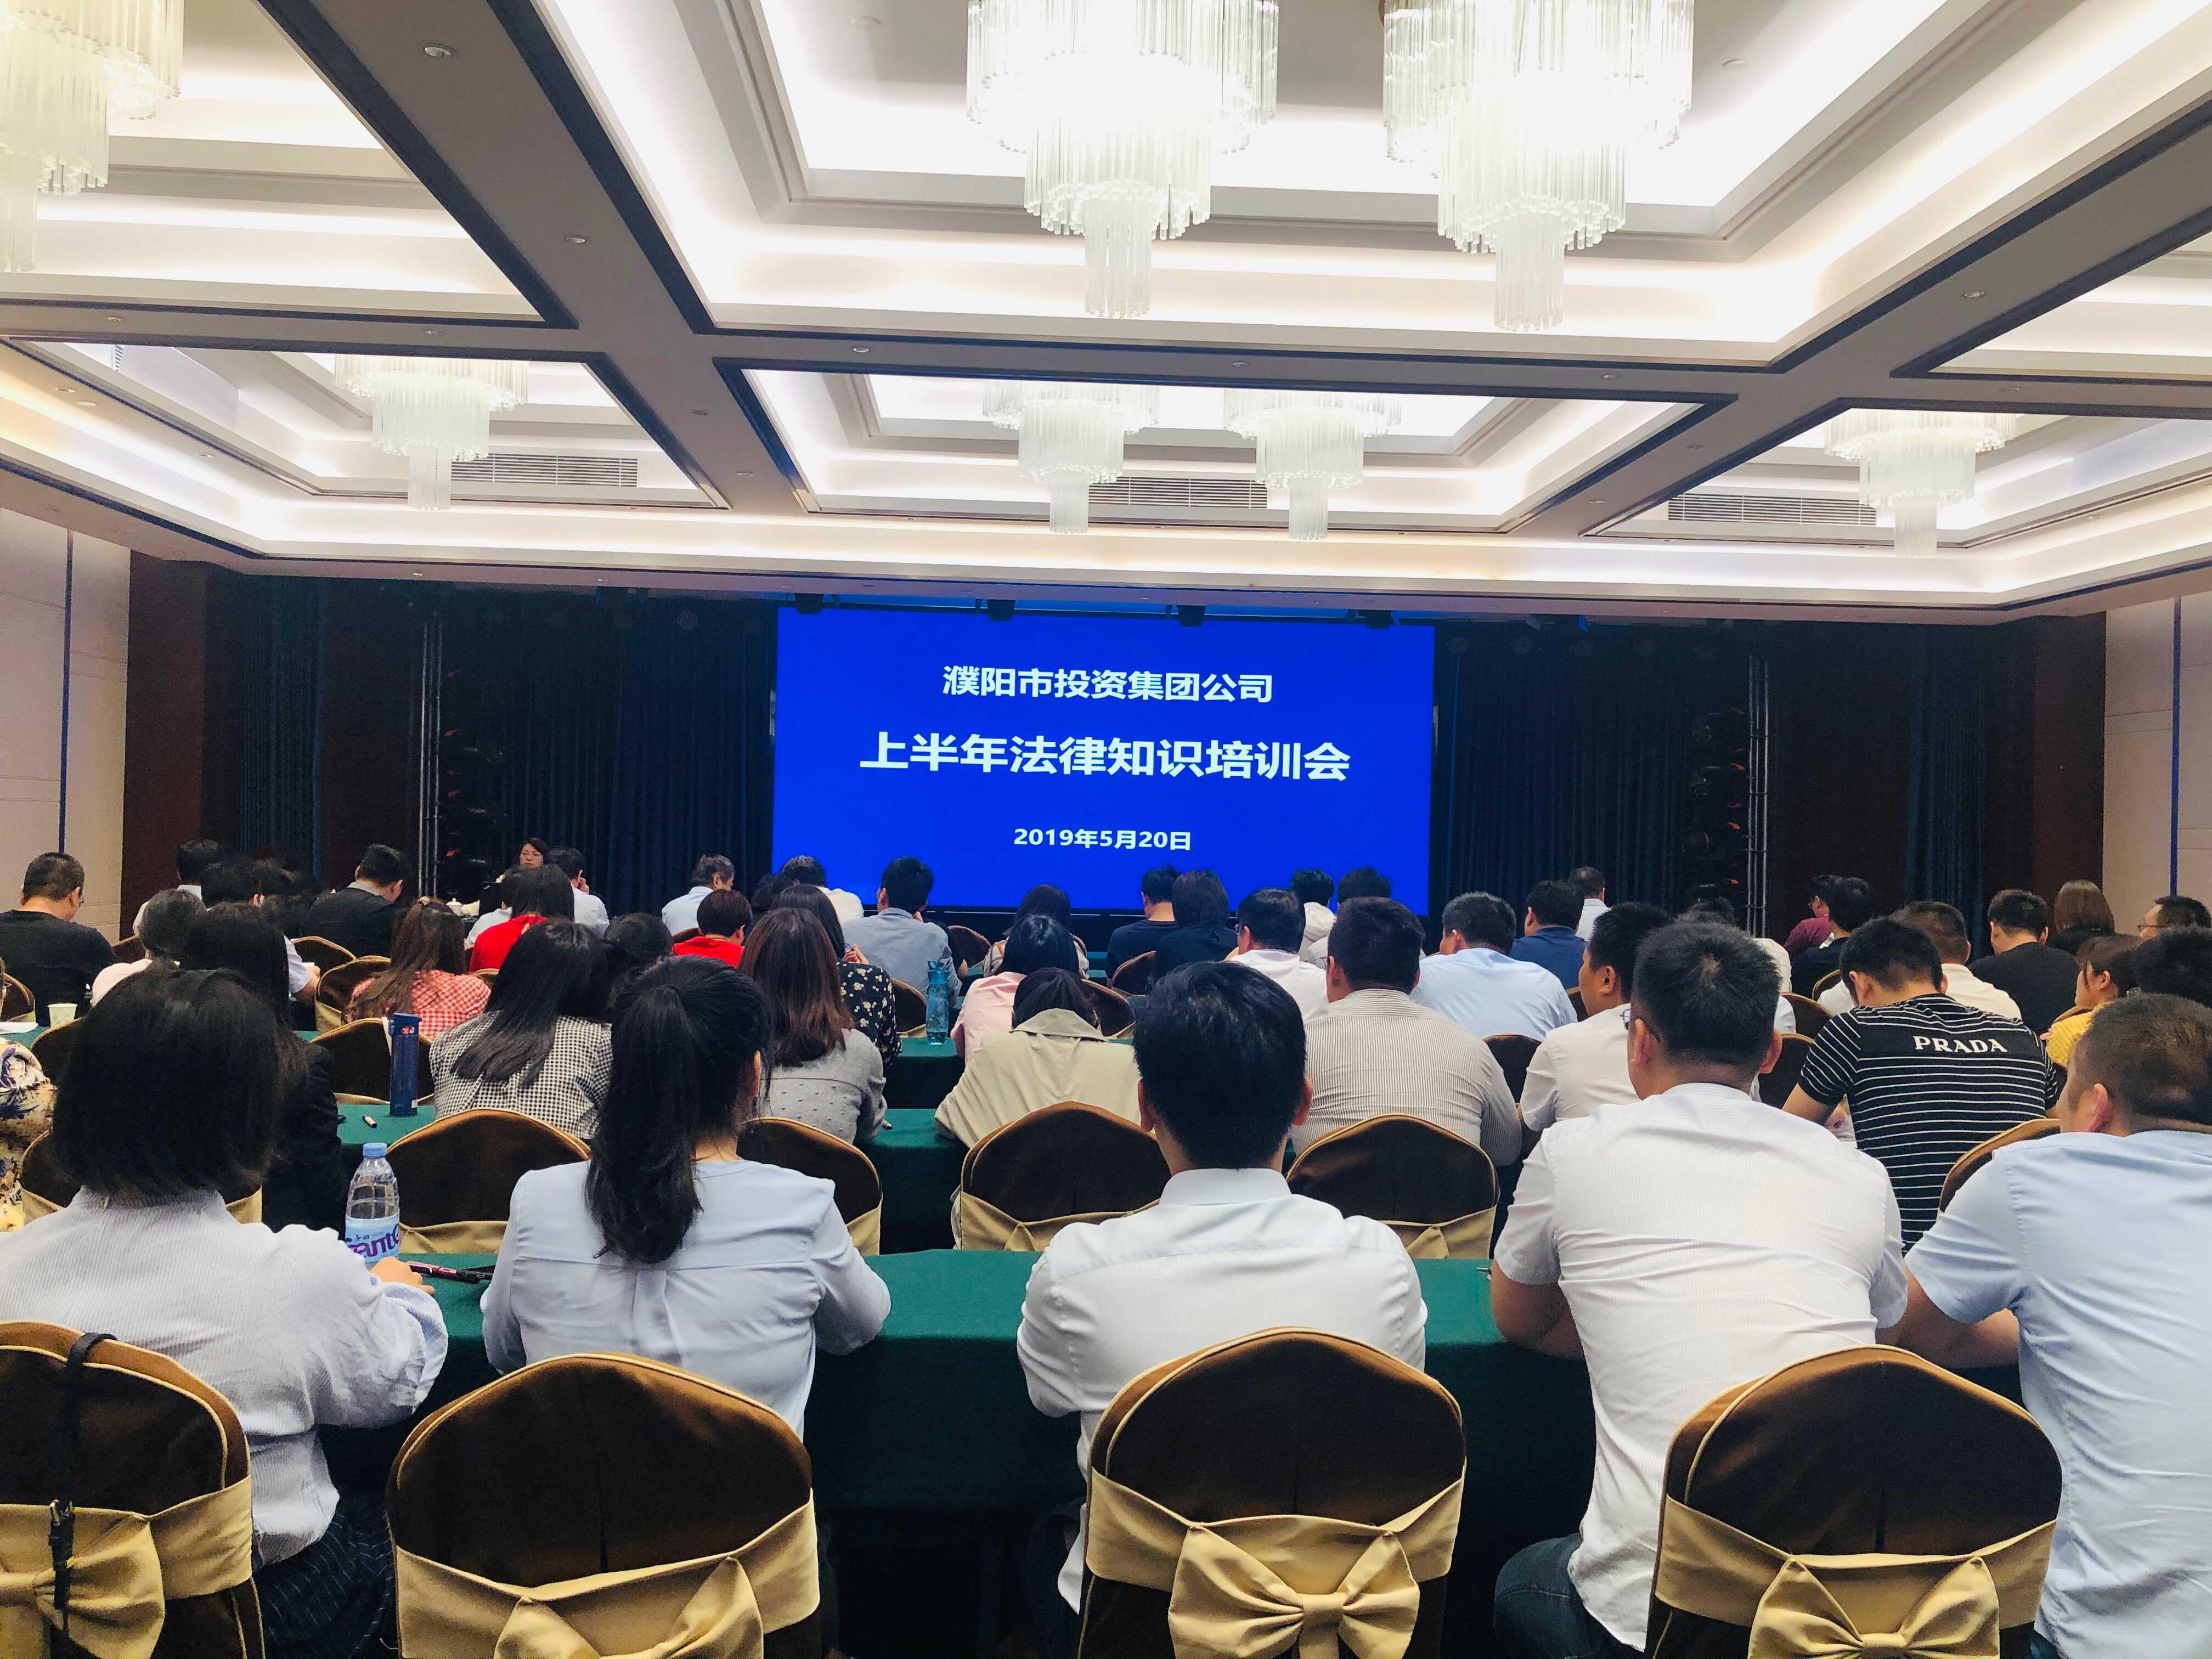 集團公司召開2019年上半年法律知識培訓會